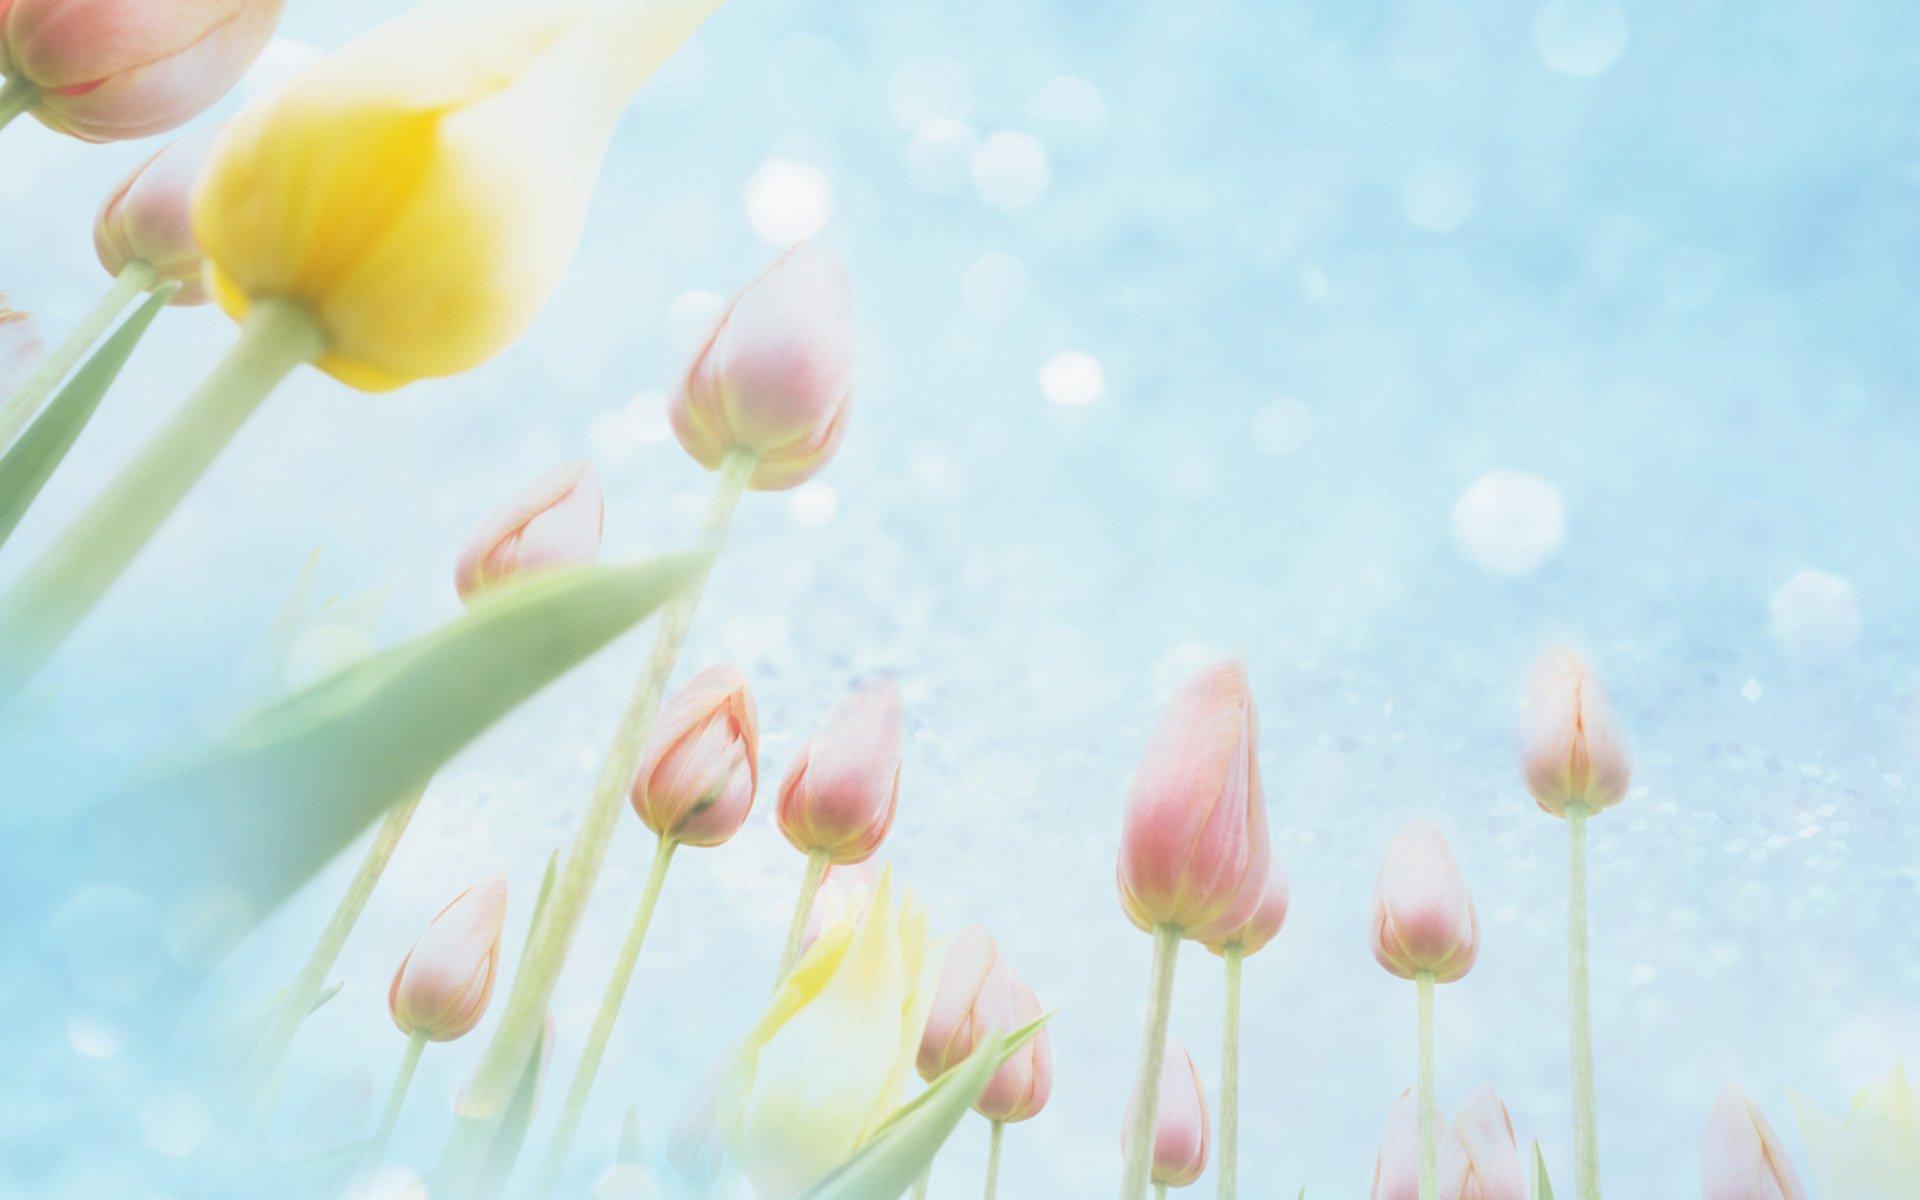 flowerartunsprouttulip11920x1200.jpg